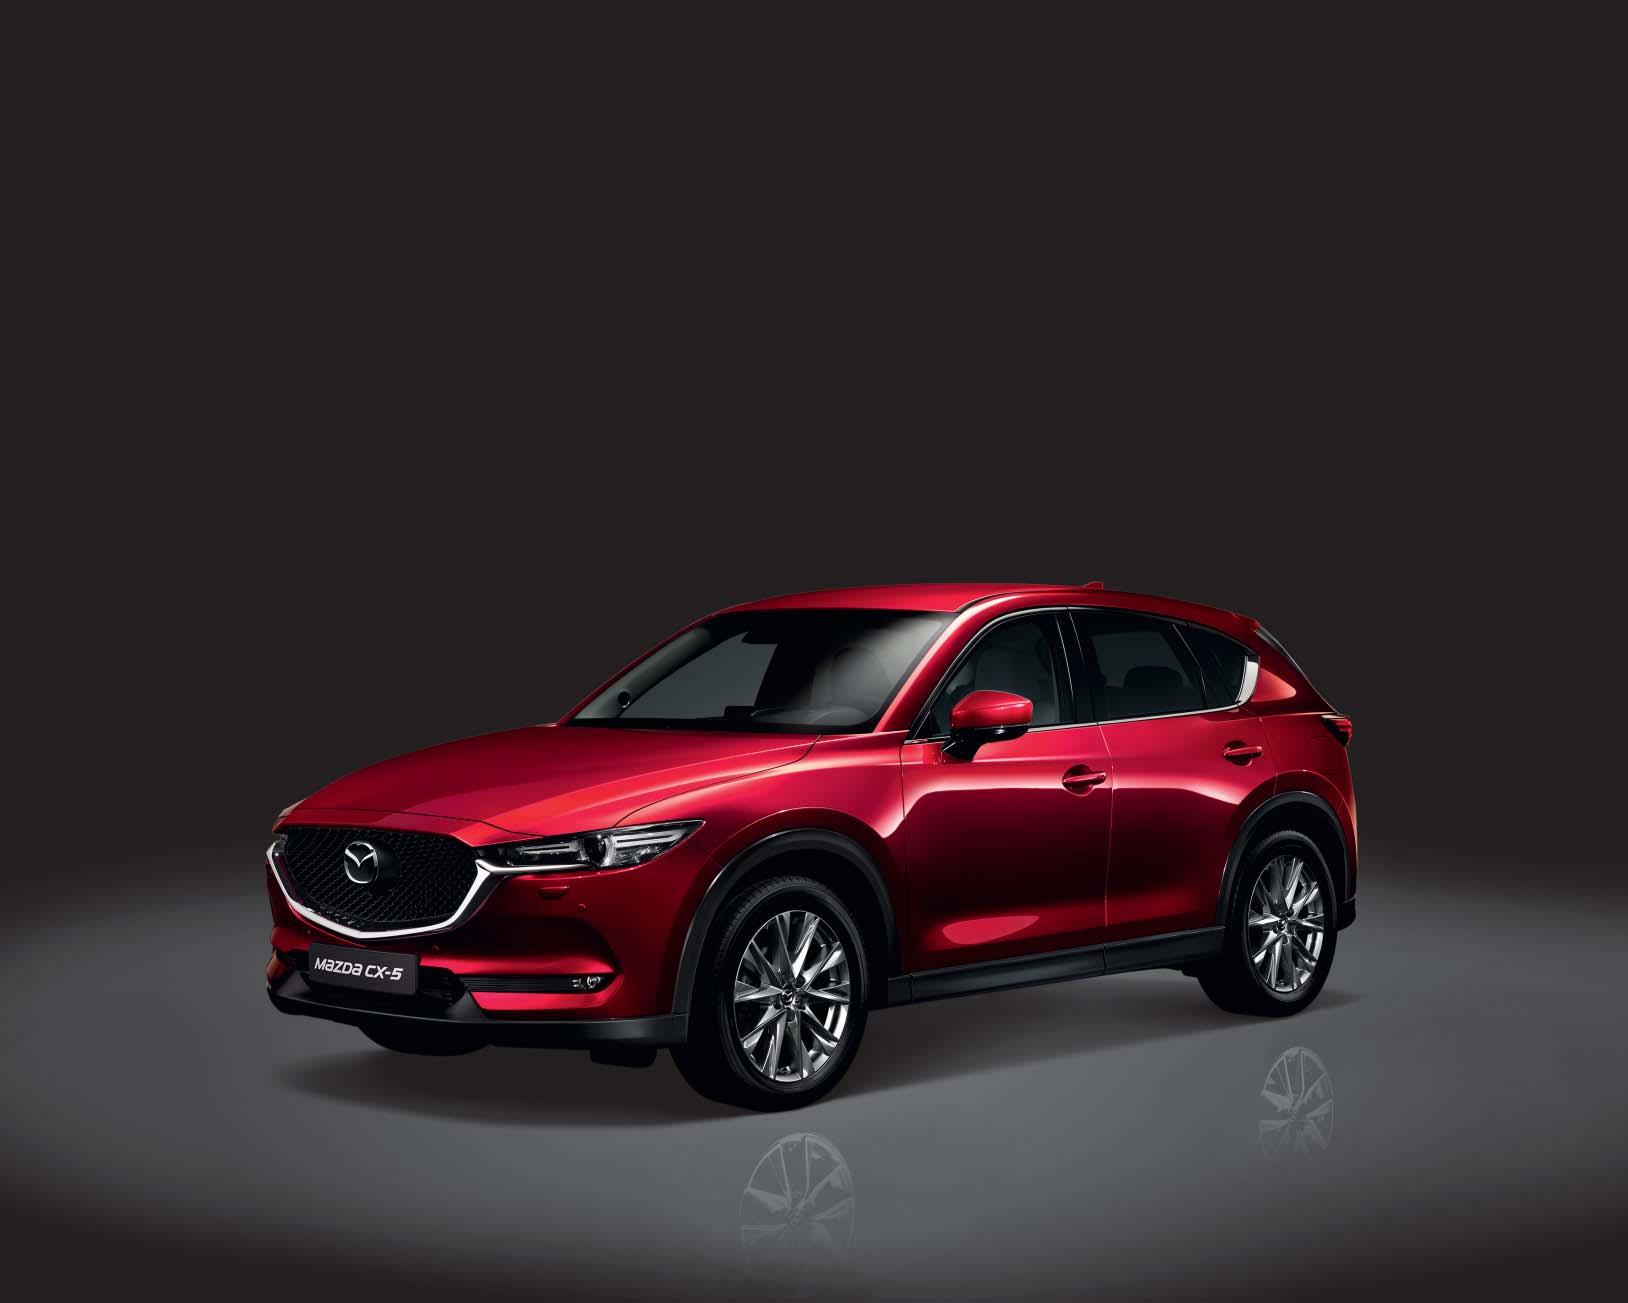 Mazda Cx-5 - Gp Auto Service - Mazda